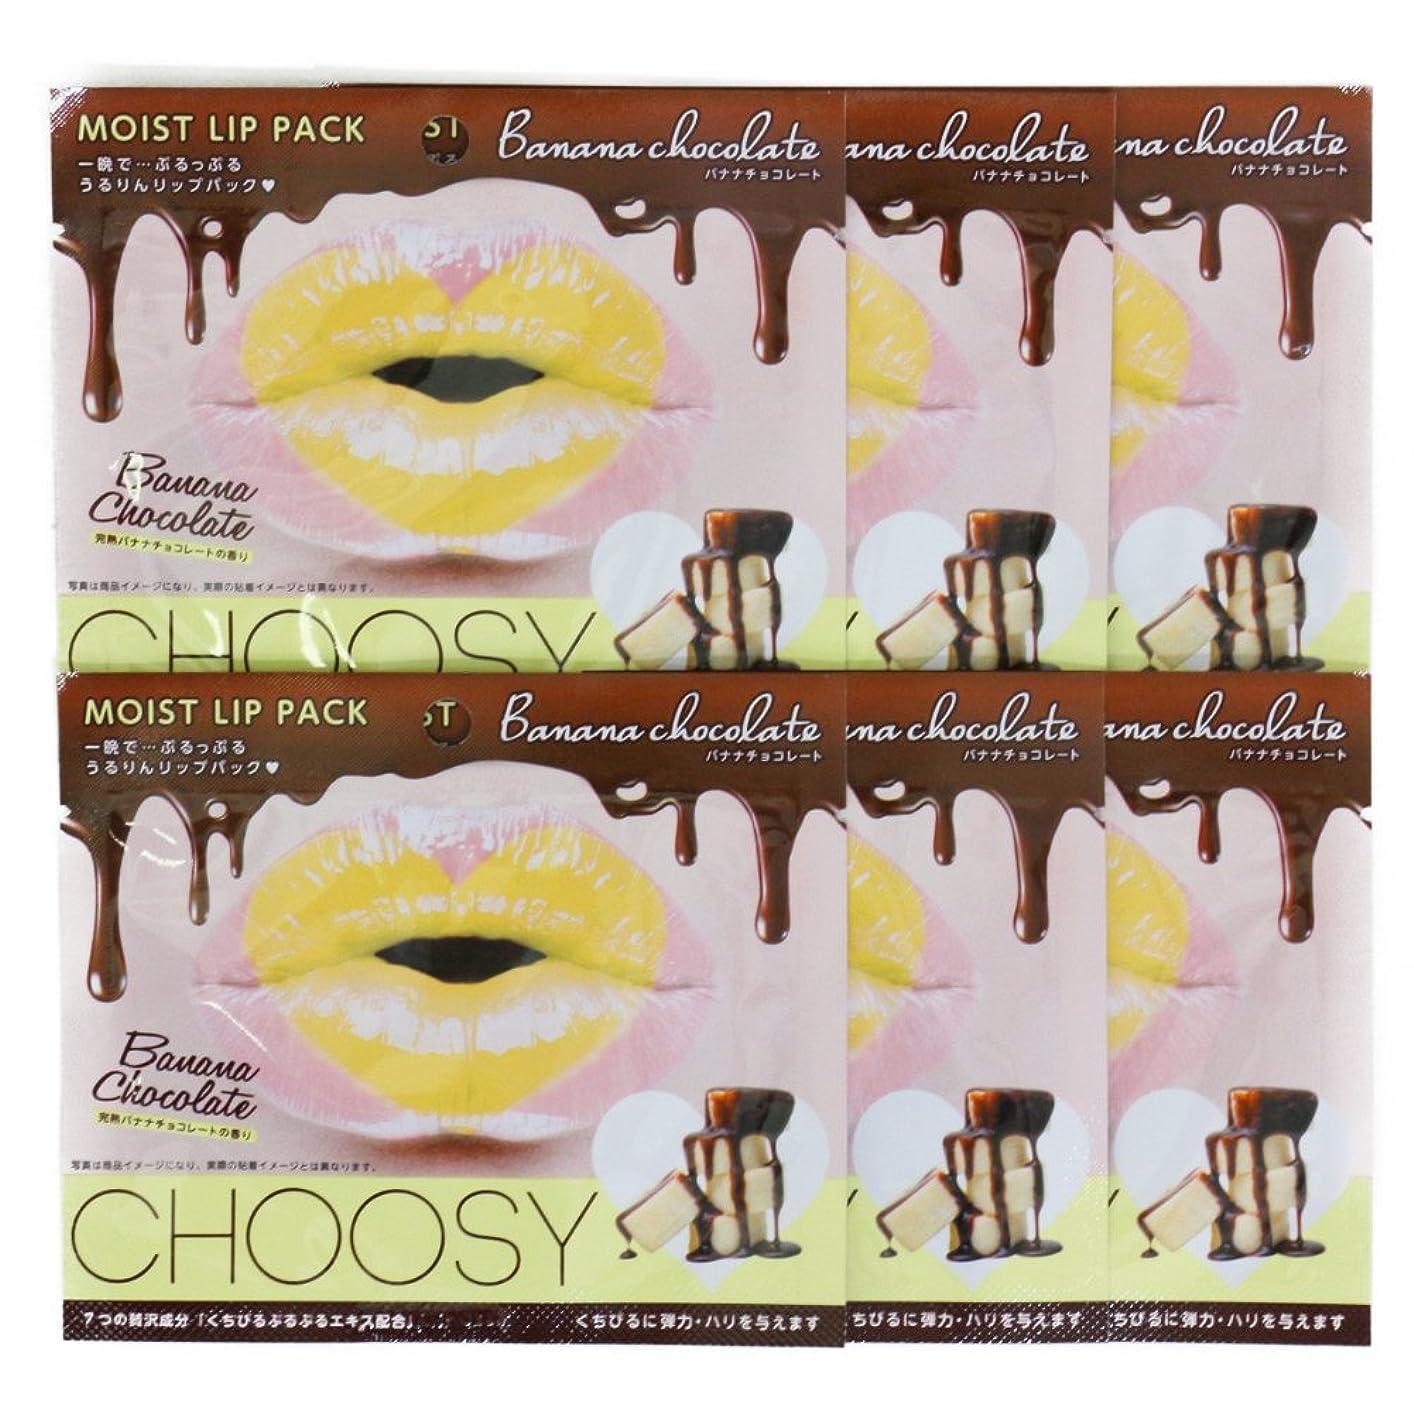 主張する解明する定義CHOOSY チューシー リップパック バナナチョコレート 6枚セット